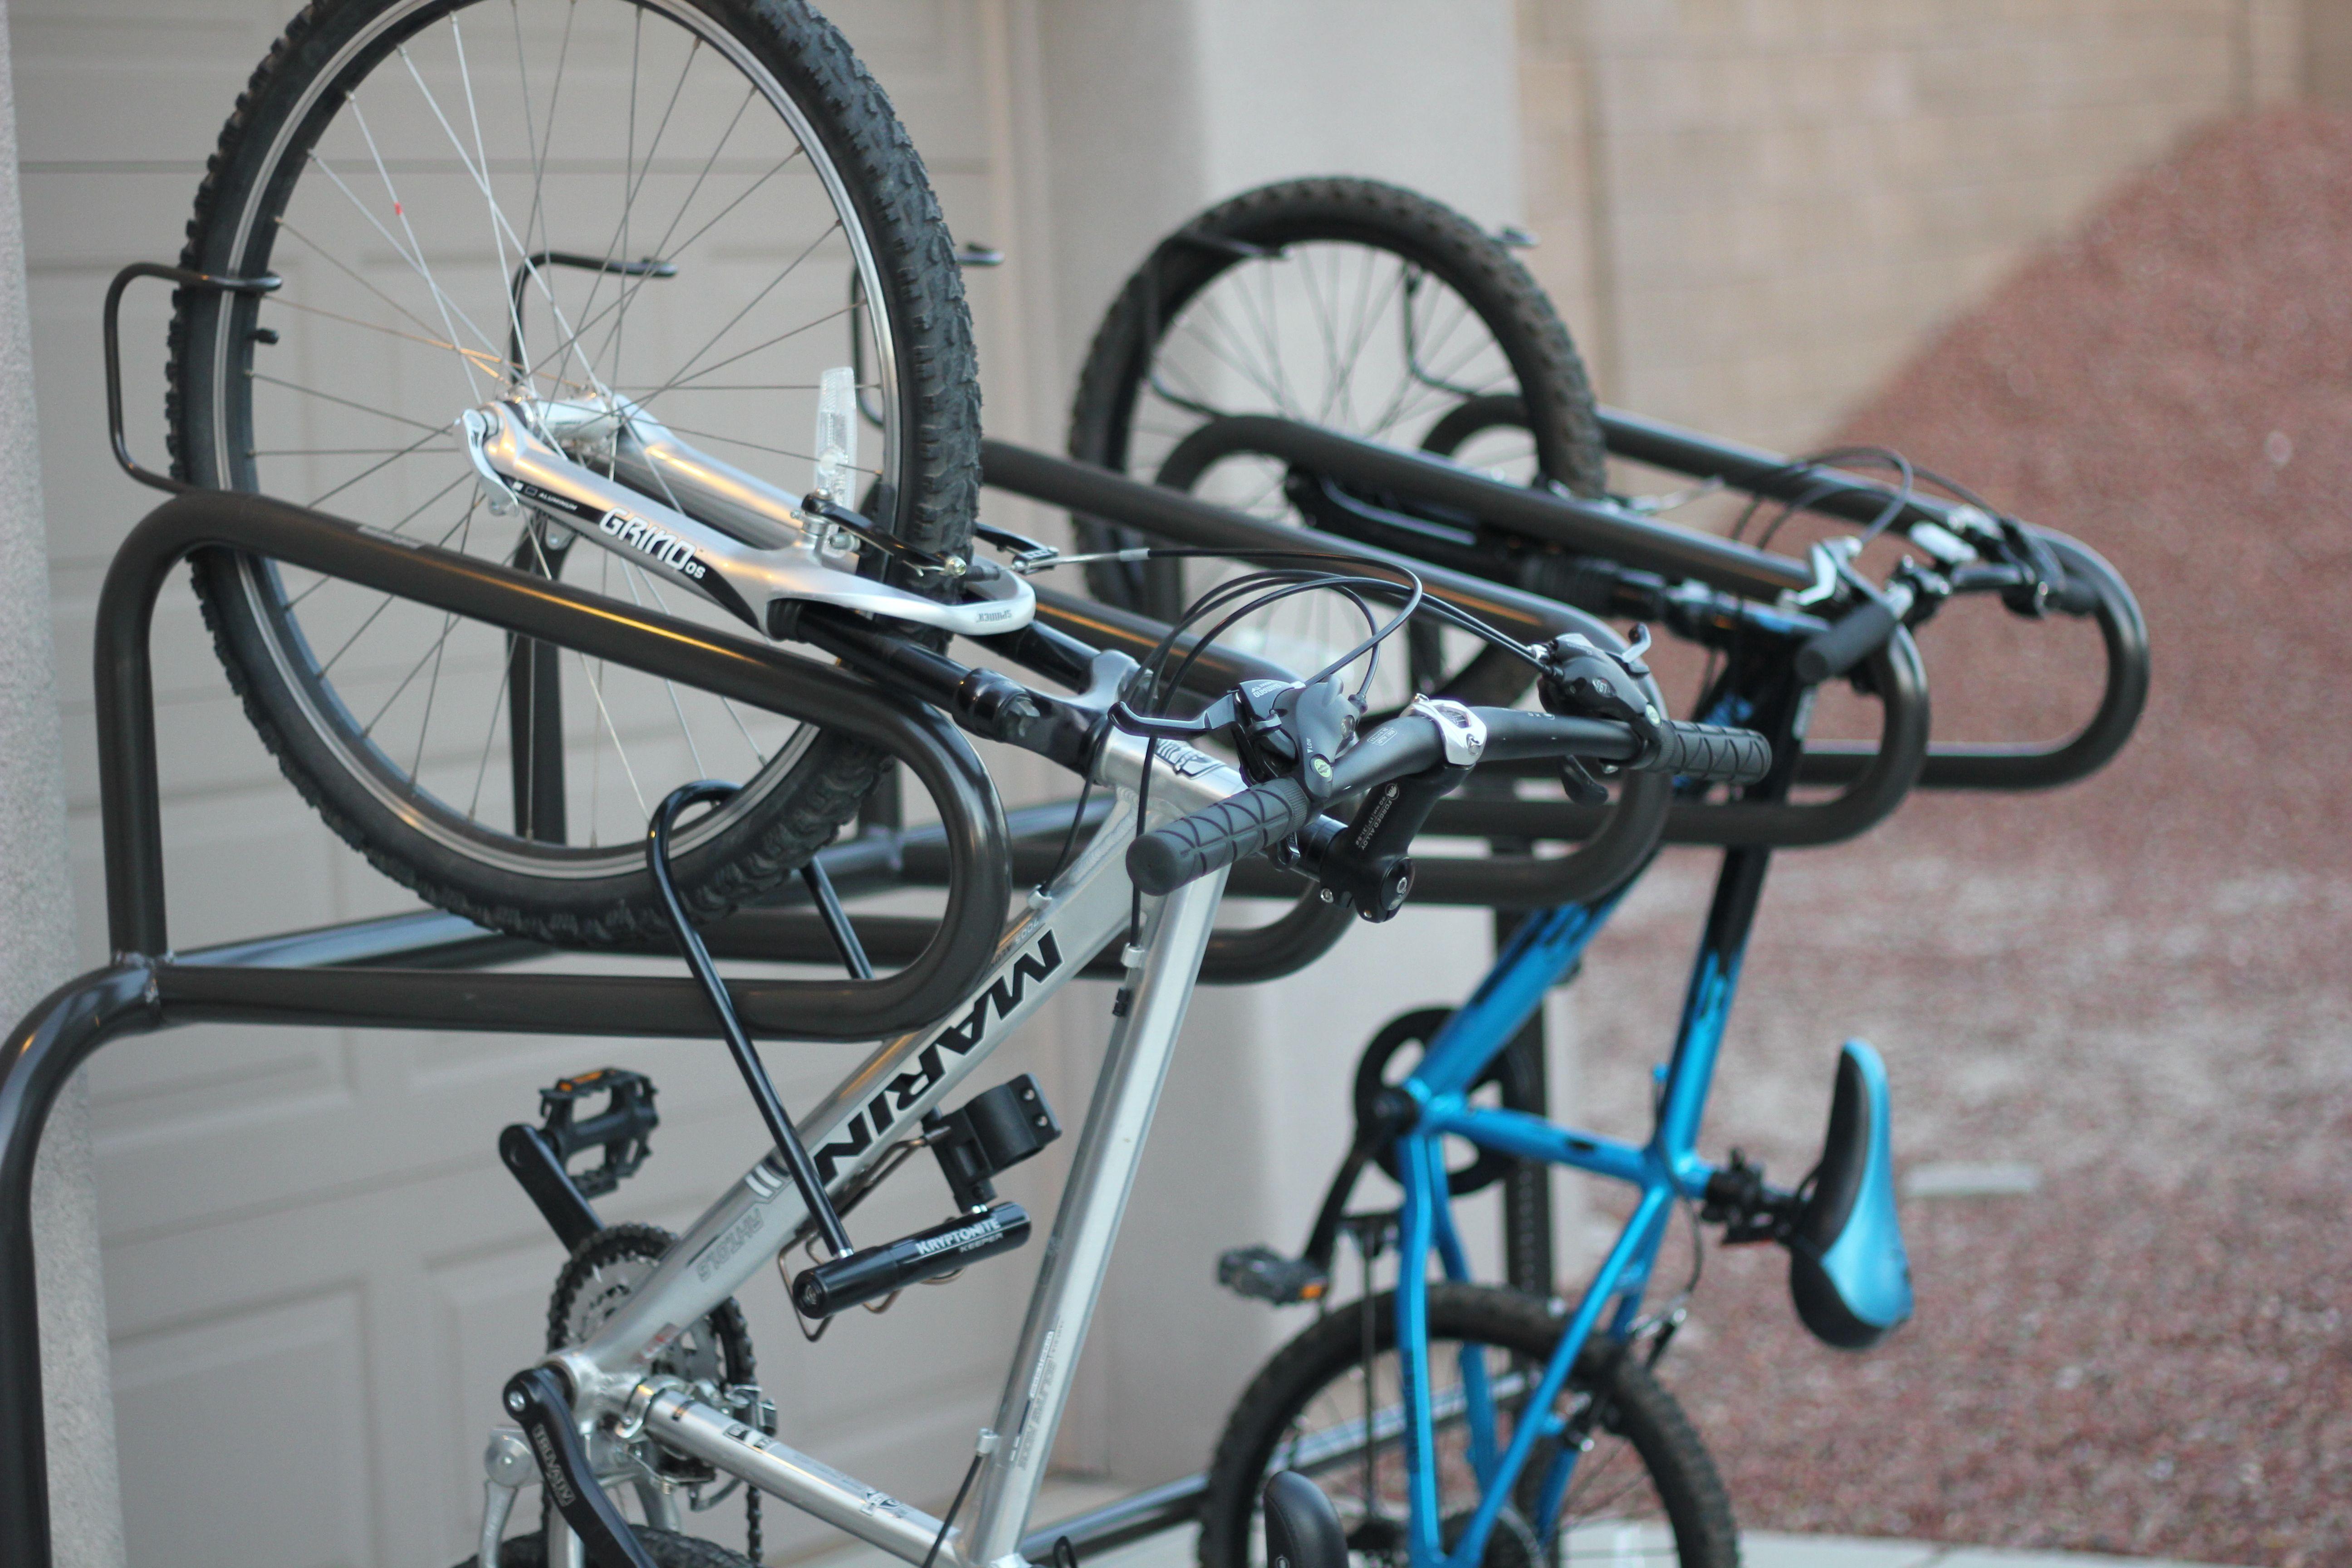 Vertical Flow Bike Rack Commercial Bike Racks Bike Security